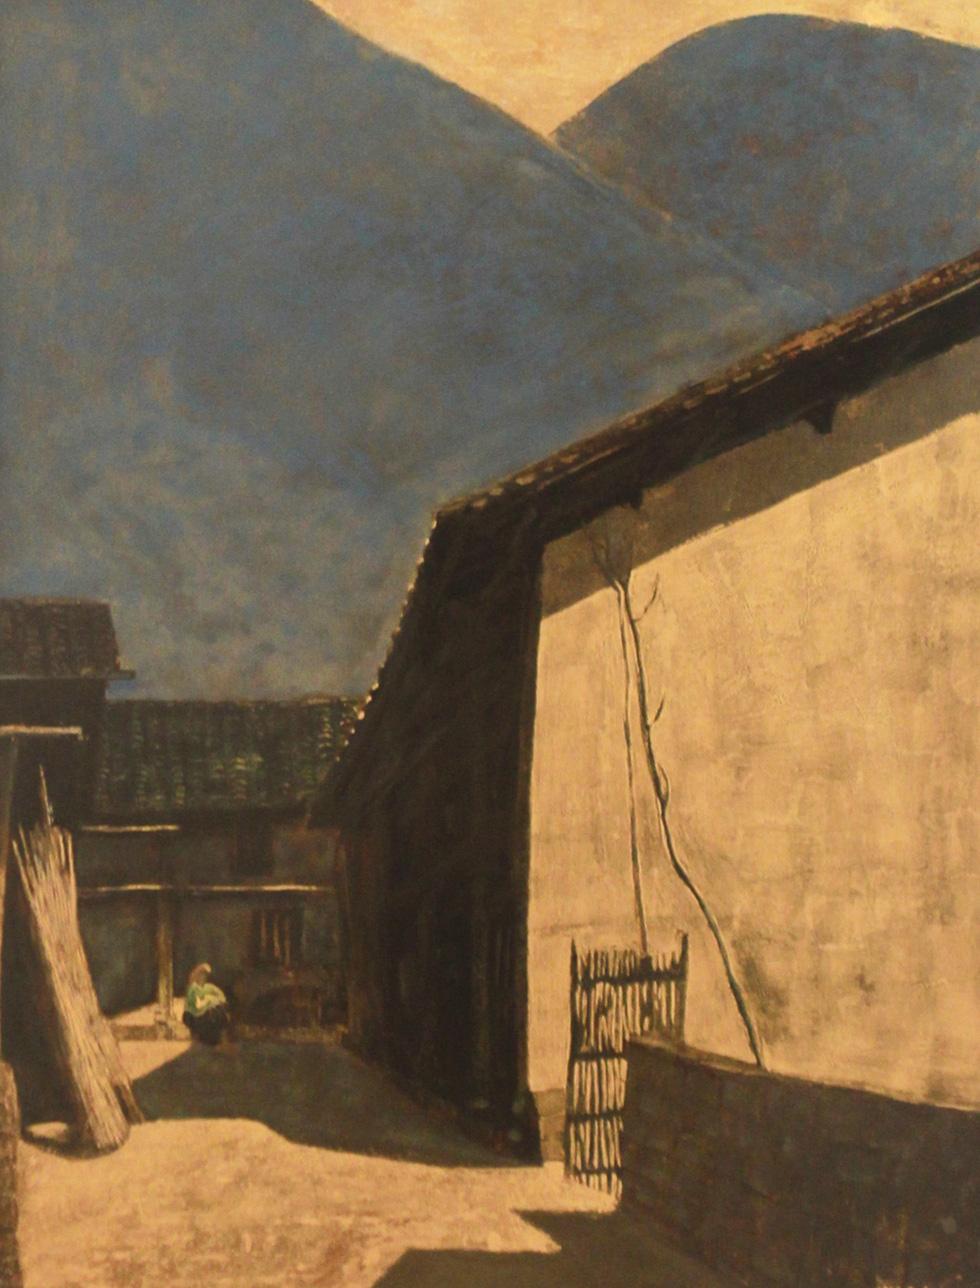 Thưởng lãm tranh và trải nghiệm nghệ thuật số - Ảnh 8.